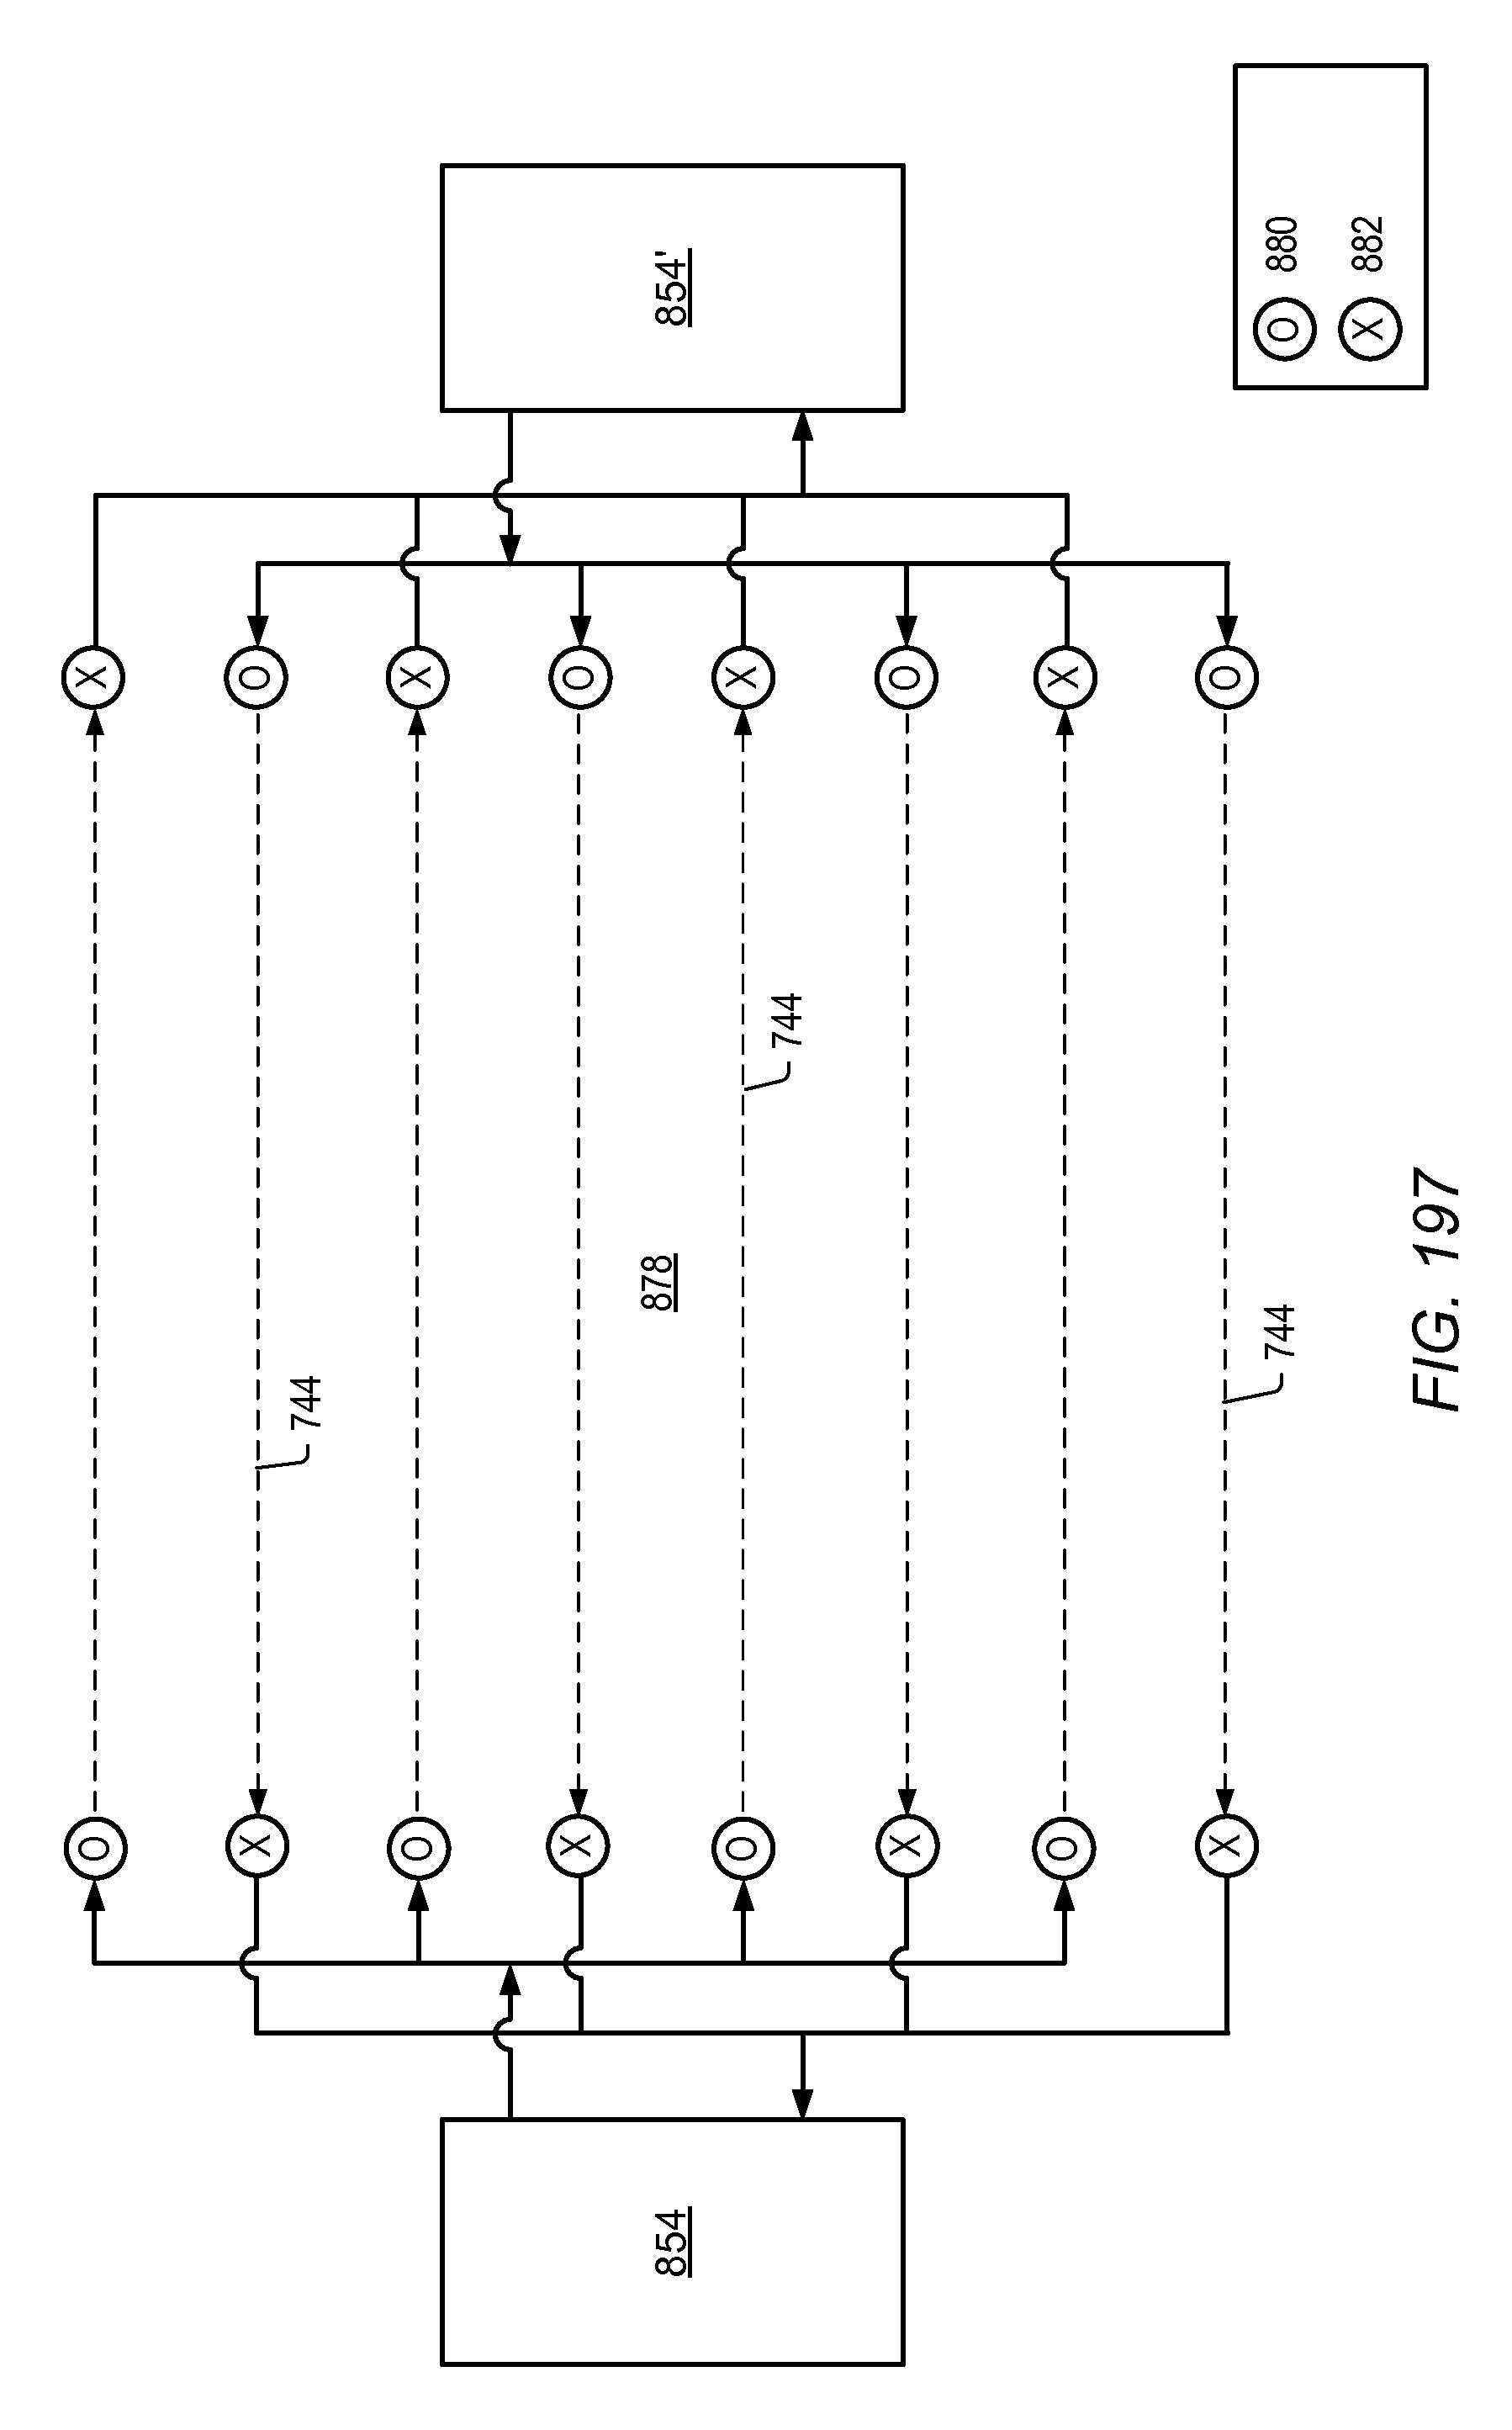 Patent Us 9528322 B2 Siemen Actuators Valve Wiring Diagram 289 Images